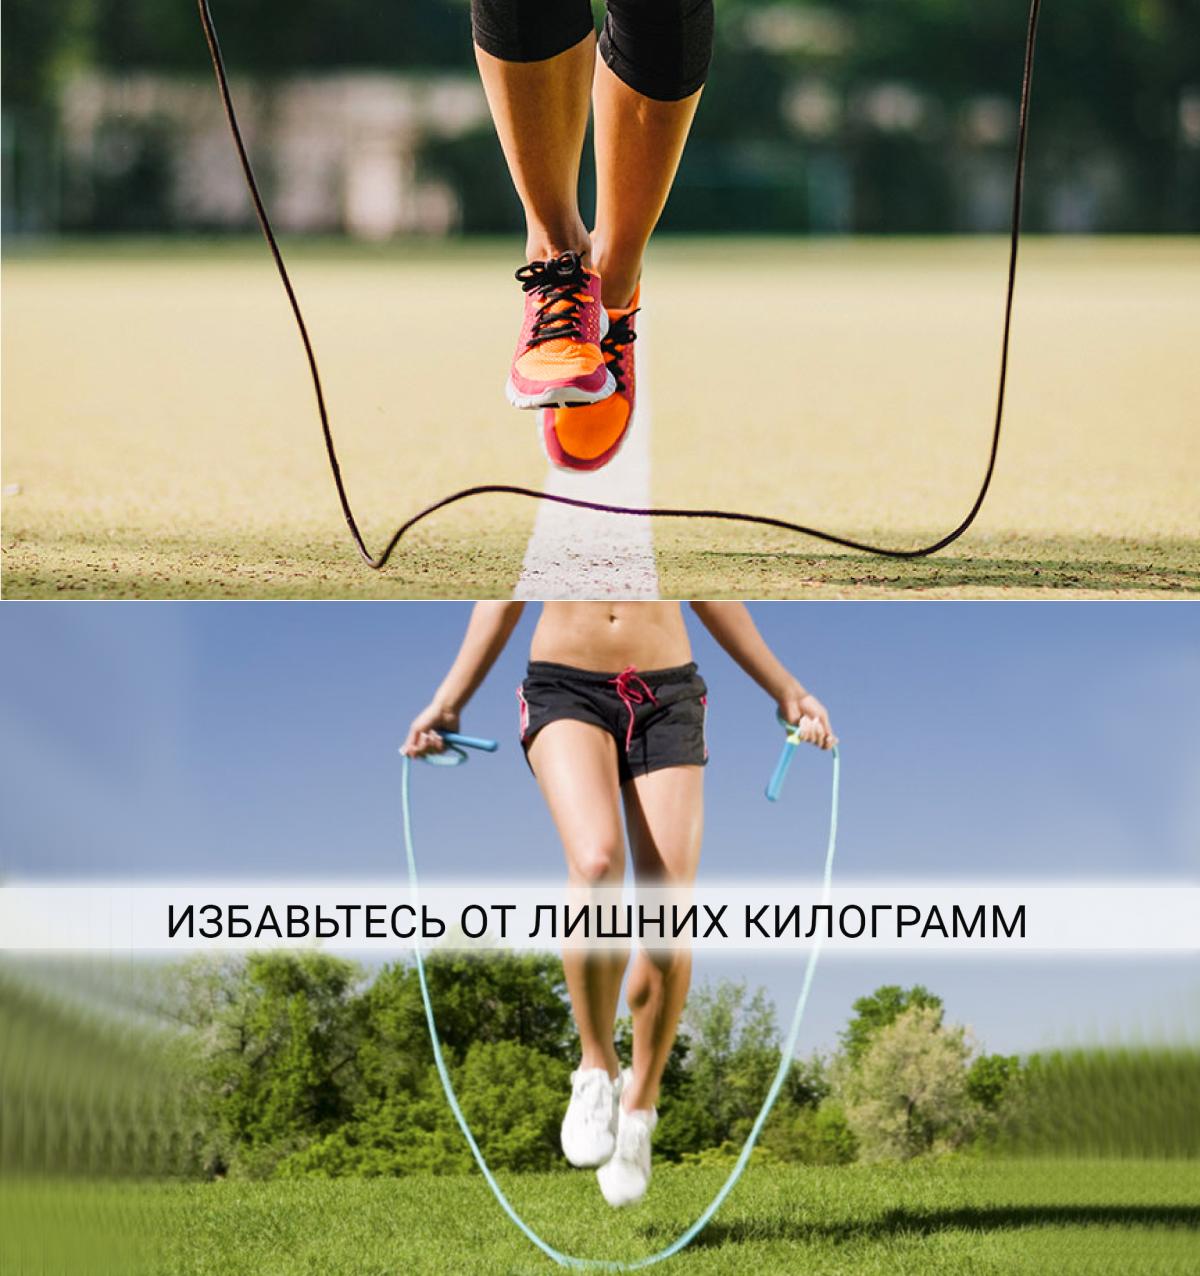 Чем Полезна Скакалка При Похудении. Как прыжки на скакалке помогают похудеть - как правильно прыгать, интервальные тренировки и упражнения